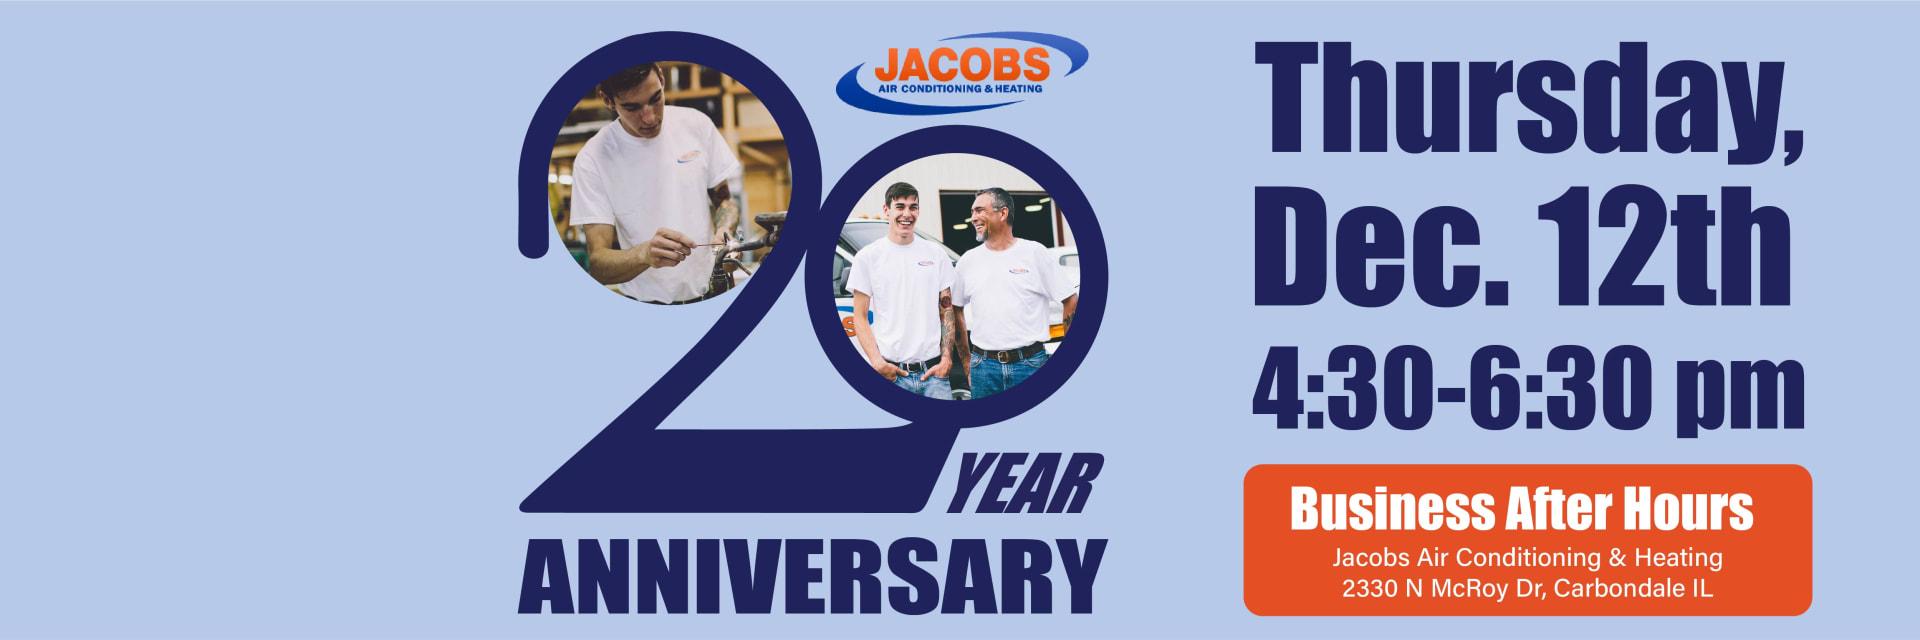 Jacobs-BAH_Slider-01-w1920.jpg